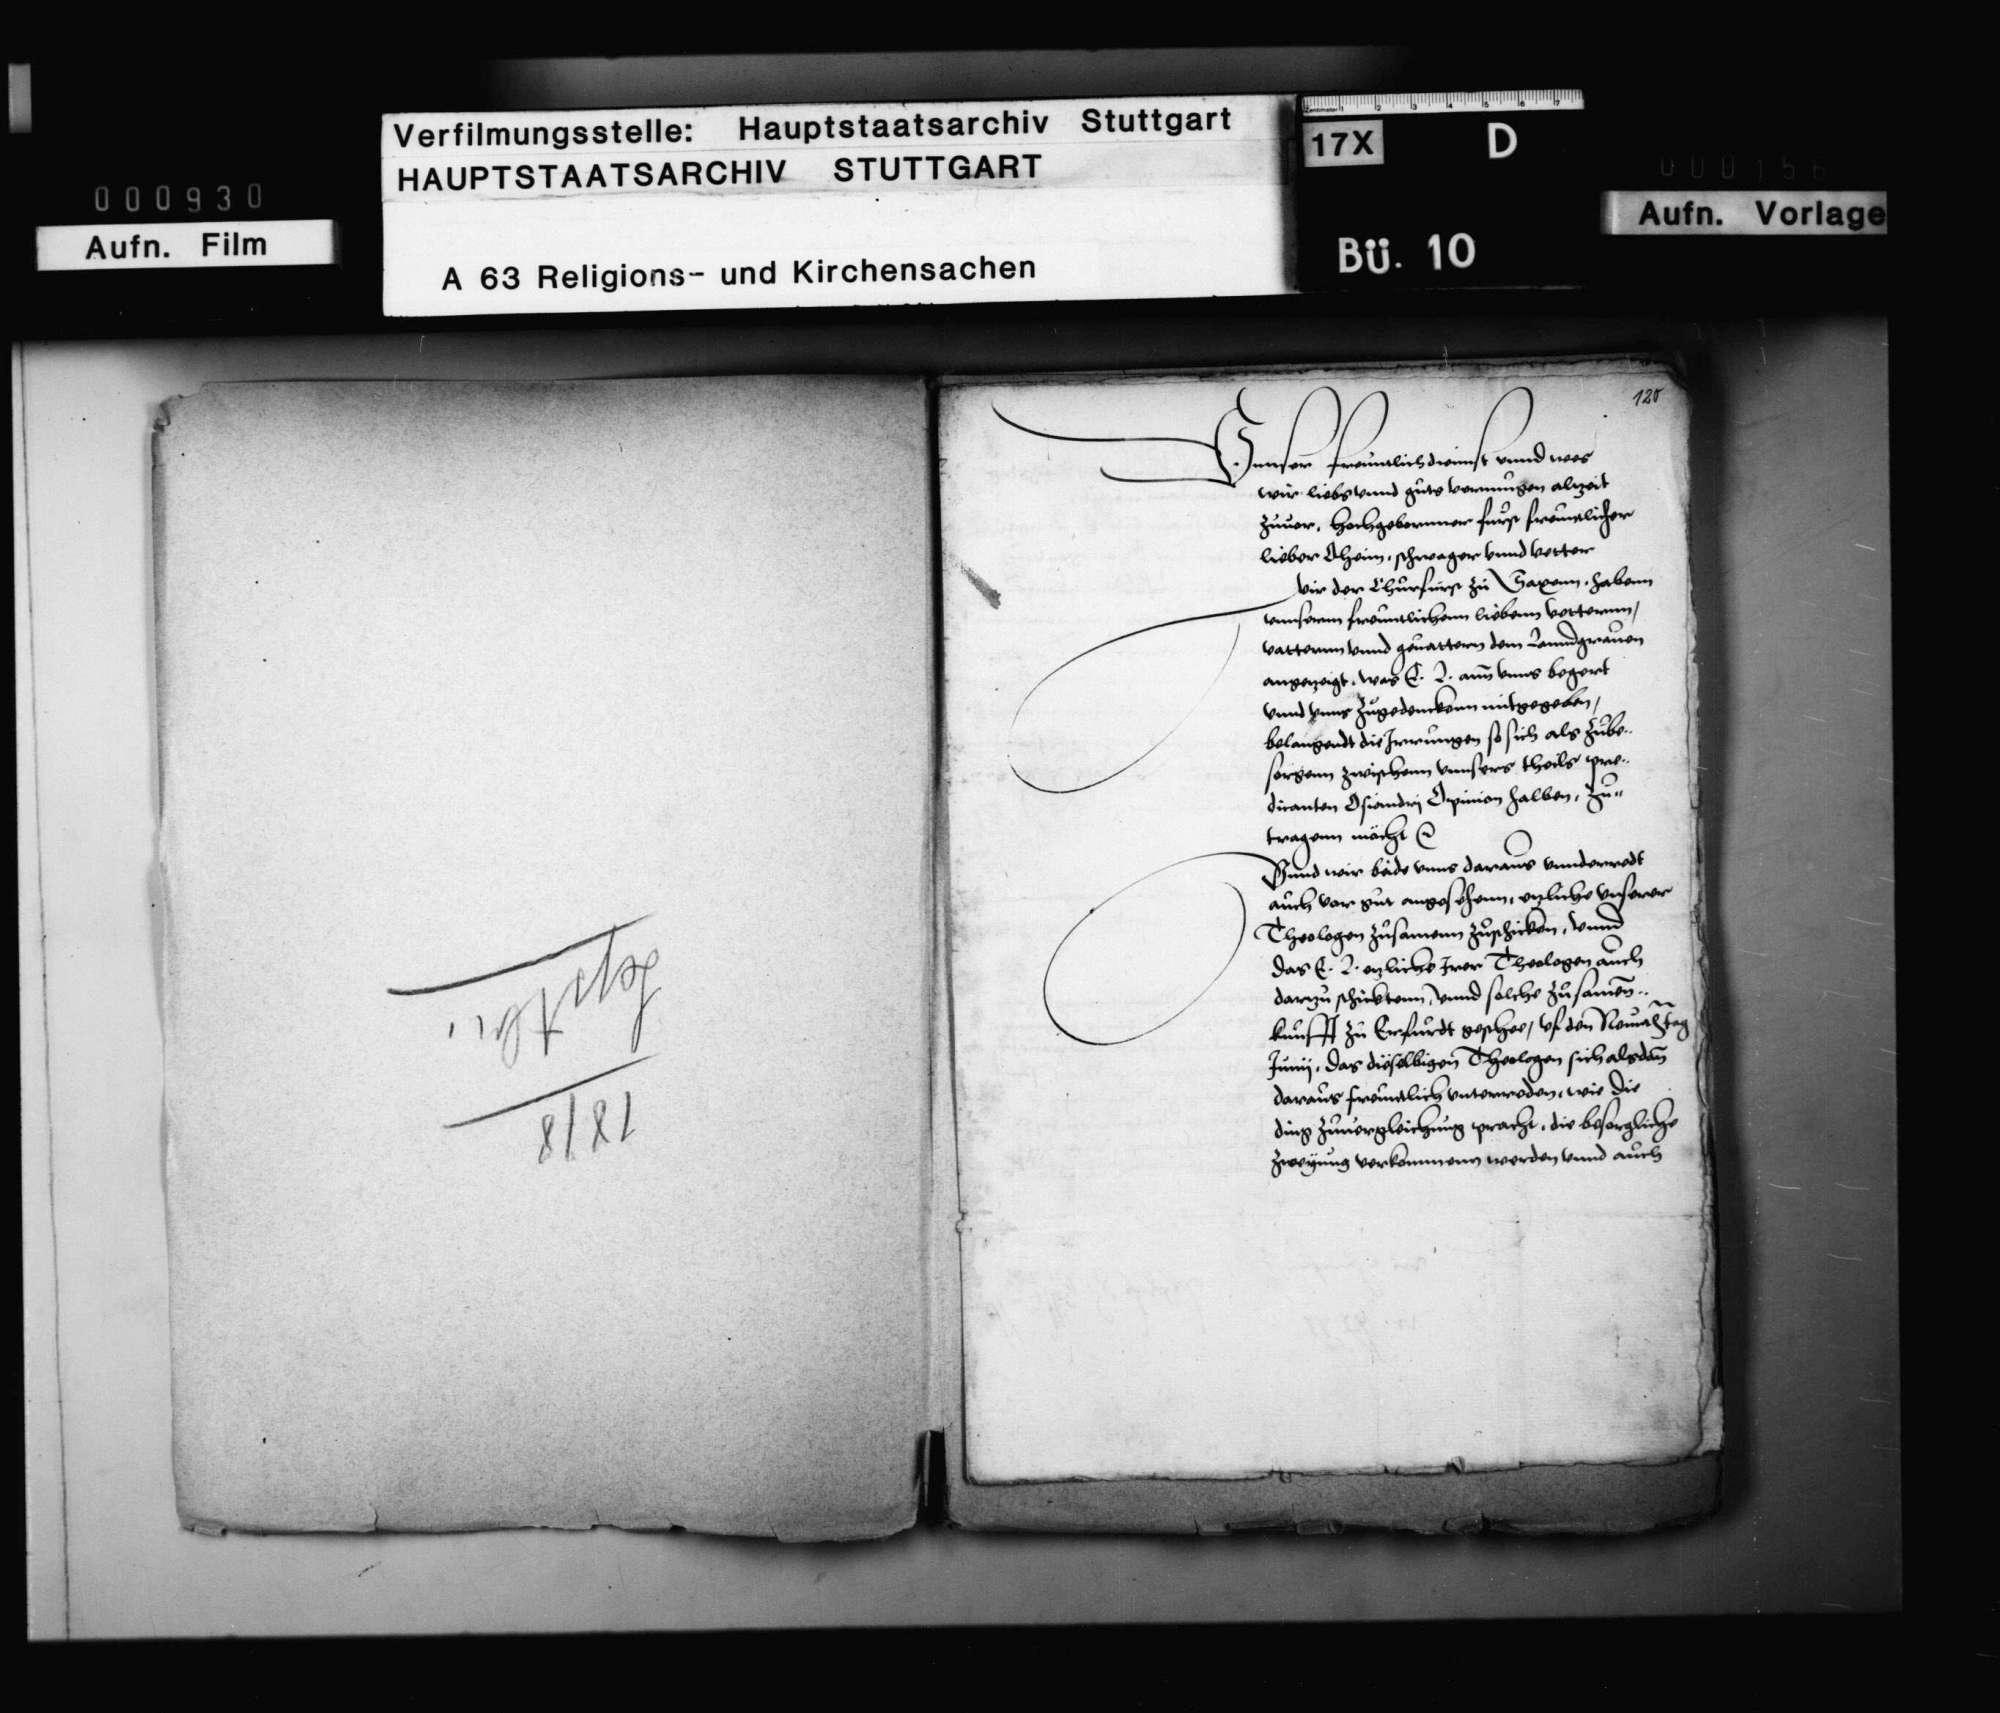 Kurfürst Moriz von Sachsen und Landgraf Philipp von Hessen ersuchen Herzog Christoph von Württemberg, seine Theologen auf den 9. Juni zu einem Konvent nach Erfurt zu senden zu Vergleichung der Osianderschen Zweiung und Beratschlagung, wie die Religion auf künftigem Reichstag zu vertreten sein möchte, welcher Tag aber kein Fortgang gehabt. Vergleich der Osiander